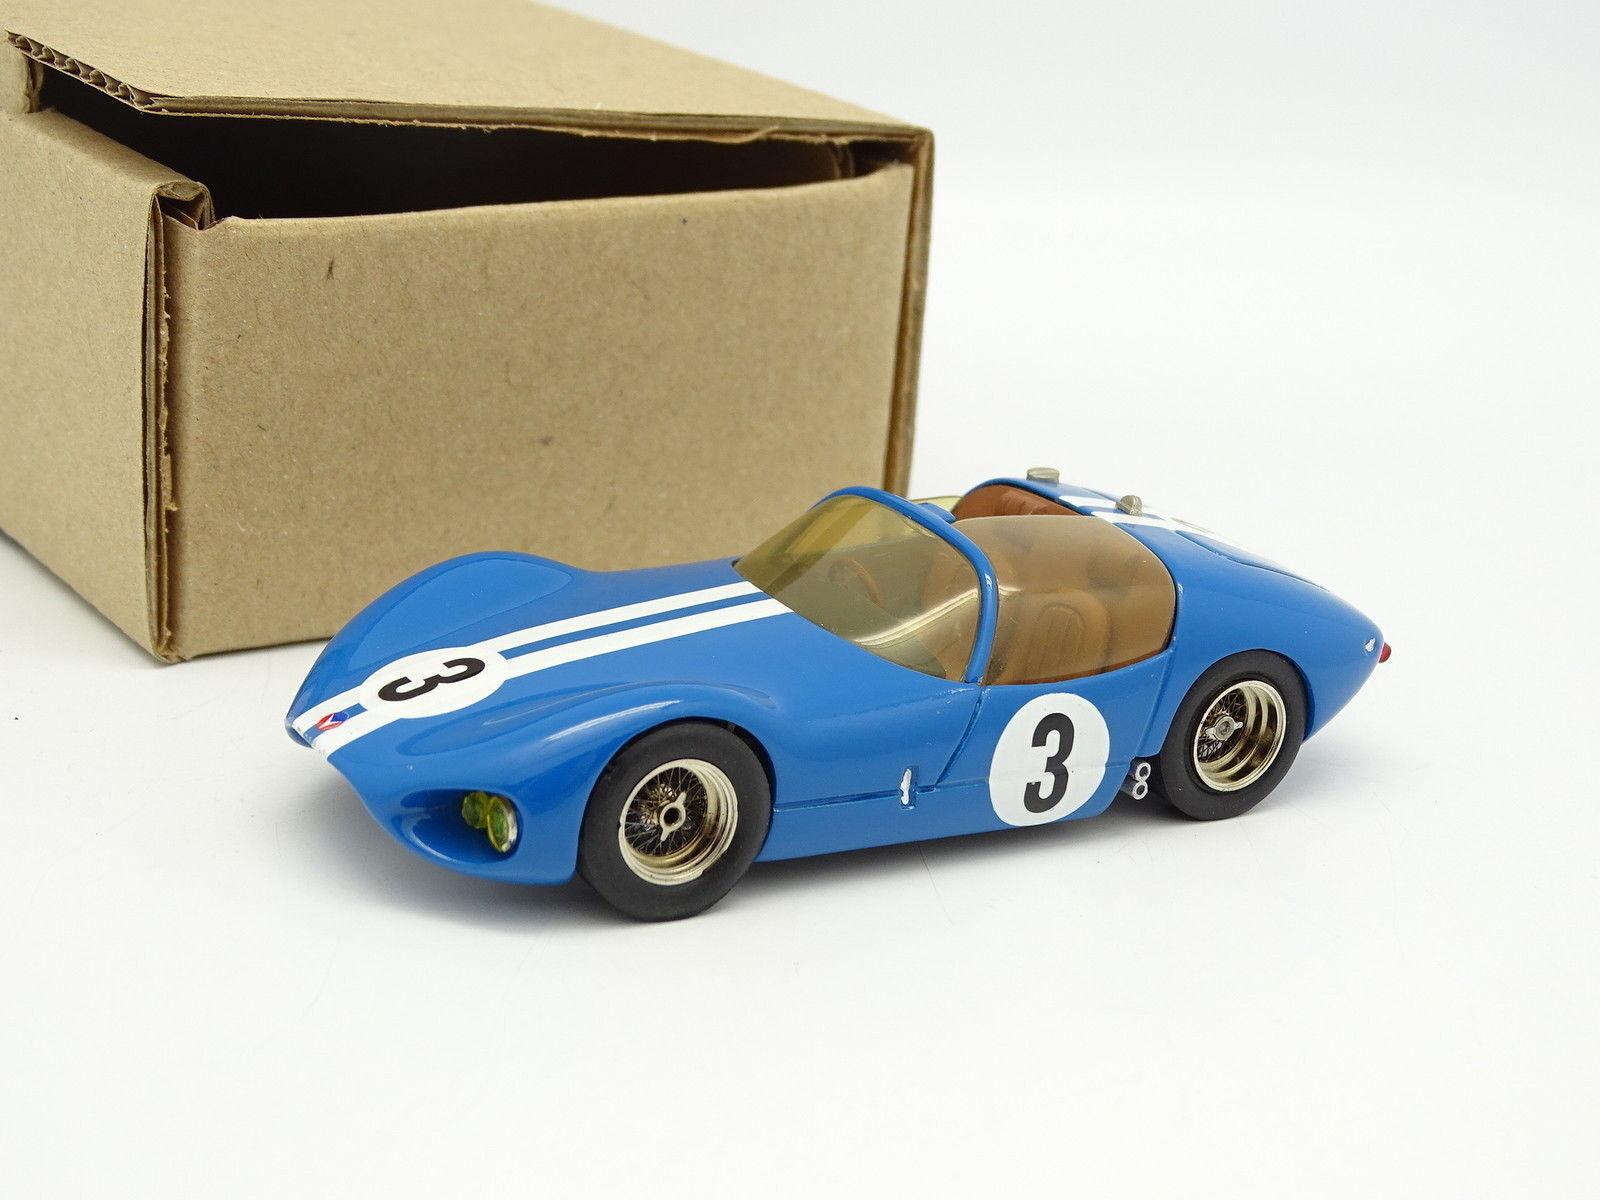 AMR Set aufgebaut 1 43 - Valiant le mans 1961